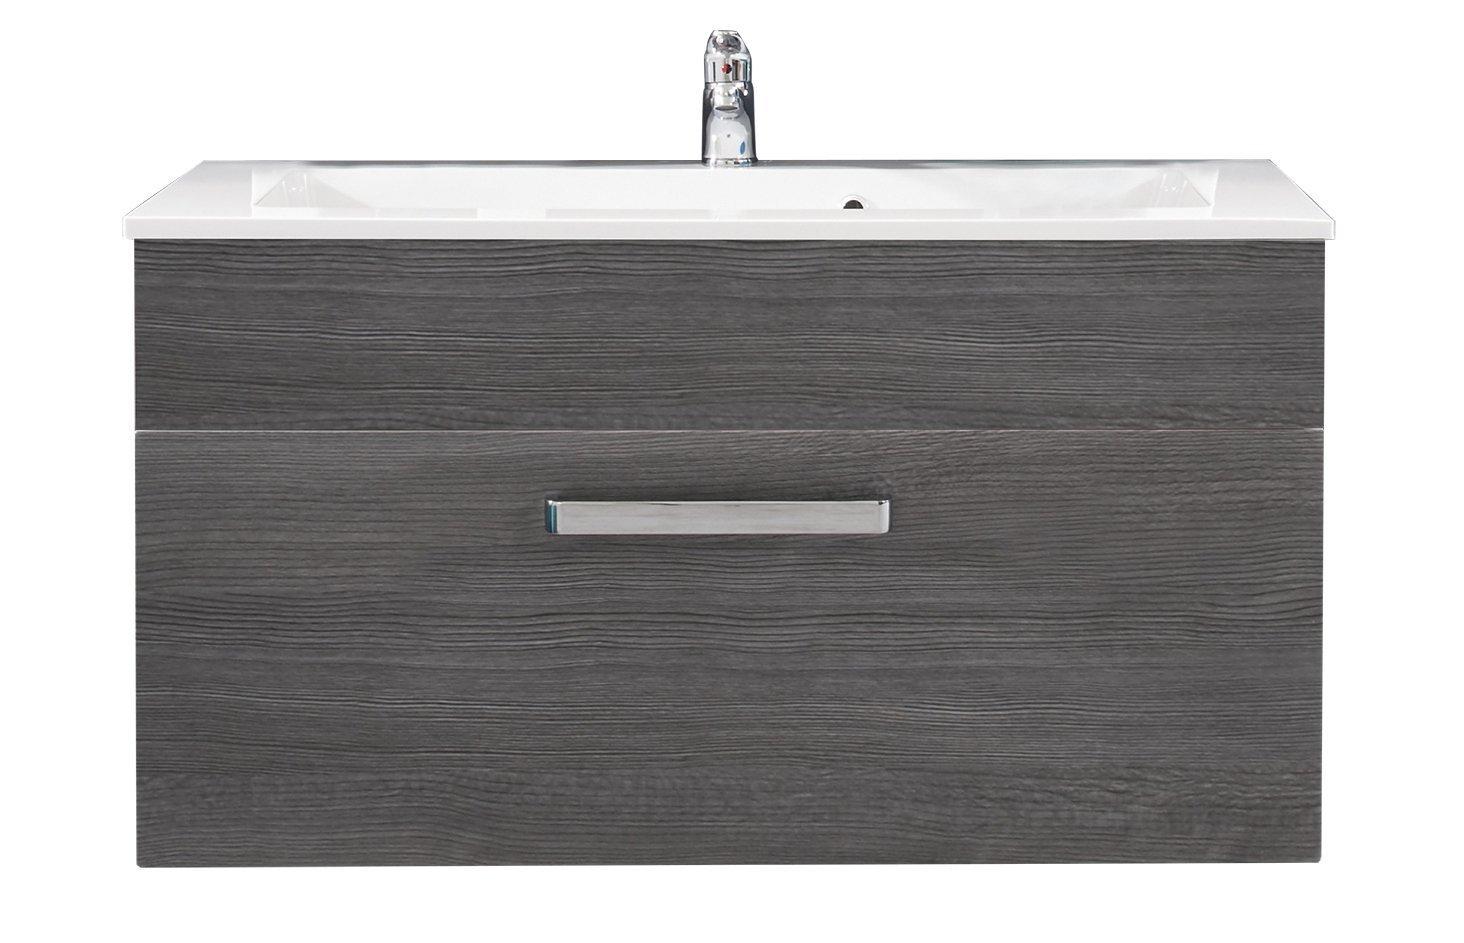 Waschbecken Unterschrank Adamo Rauchsilber Badezimmer Bad Waschbecken  Schrank U2013 Bild 5